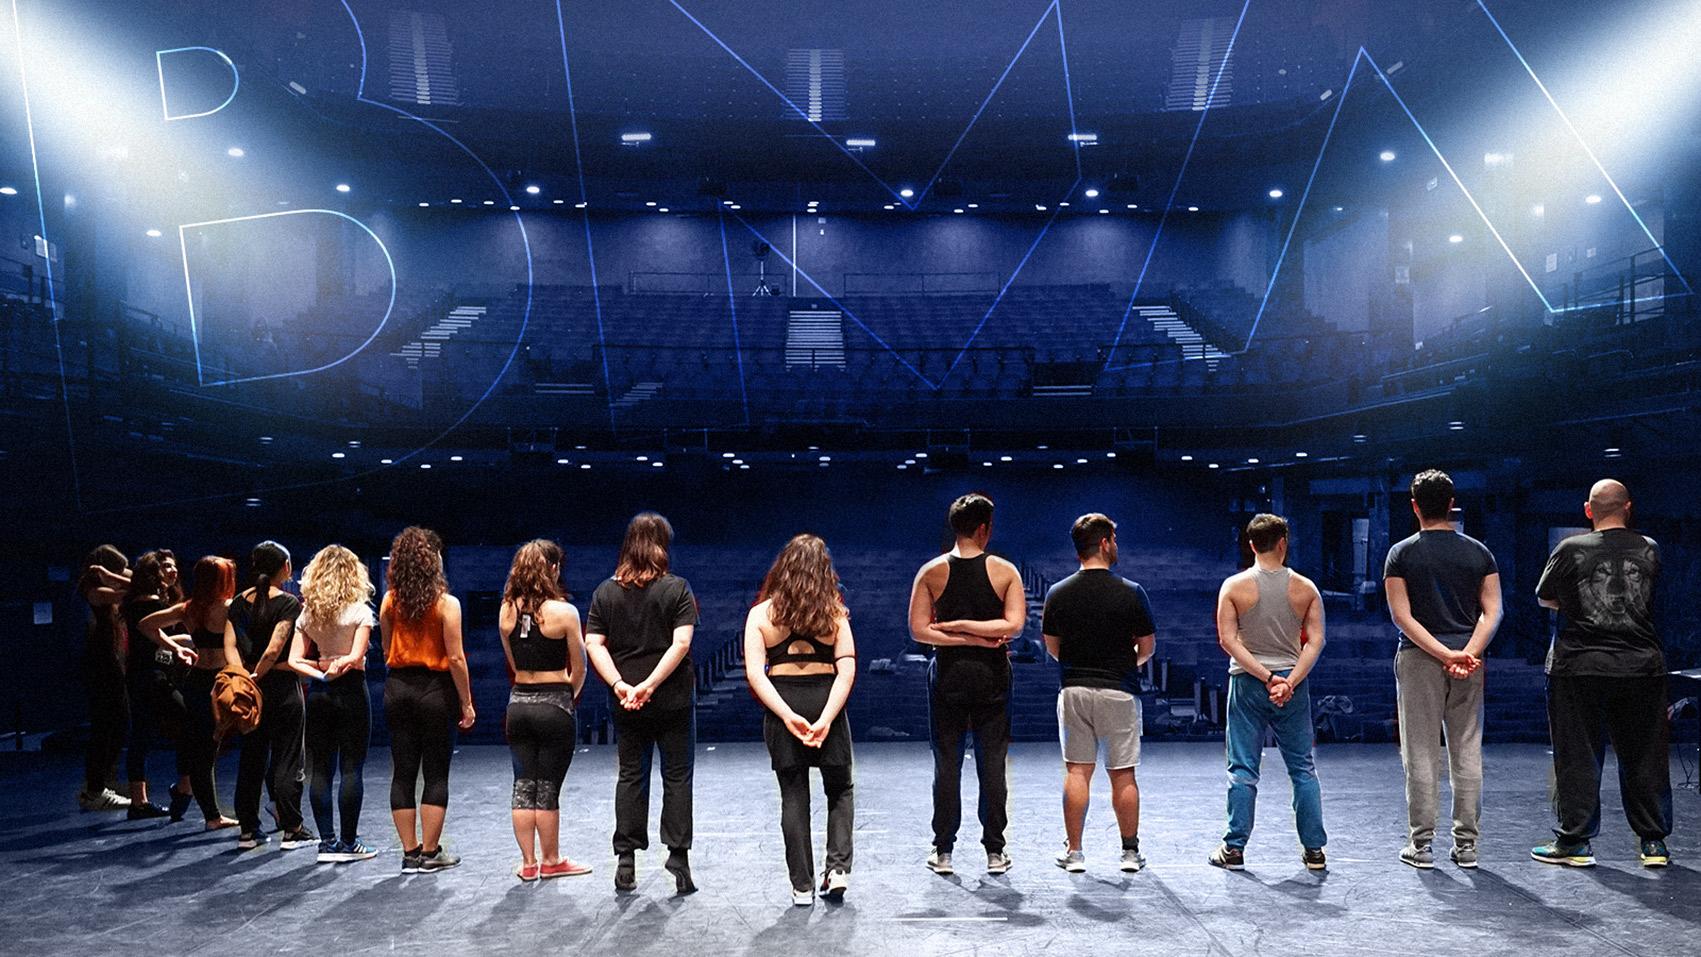 BMA-Brancaccio. Apre la Musical Academy di Roma, diretta da Gianluca Guidi